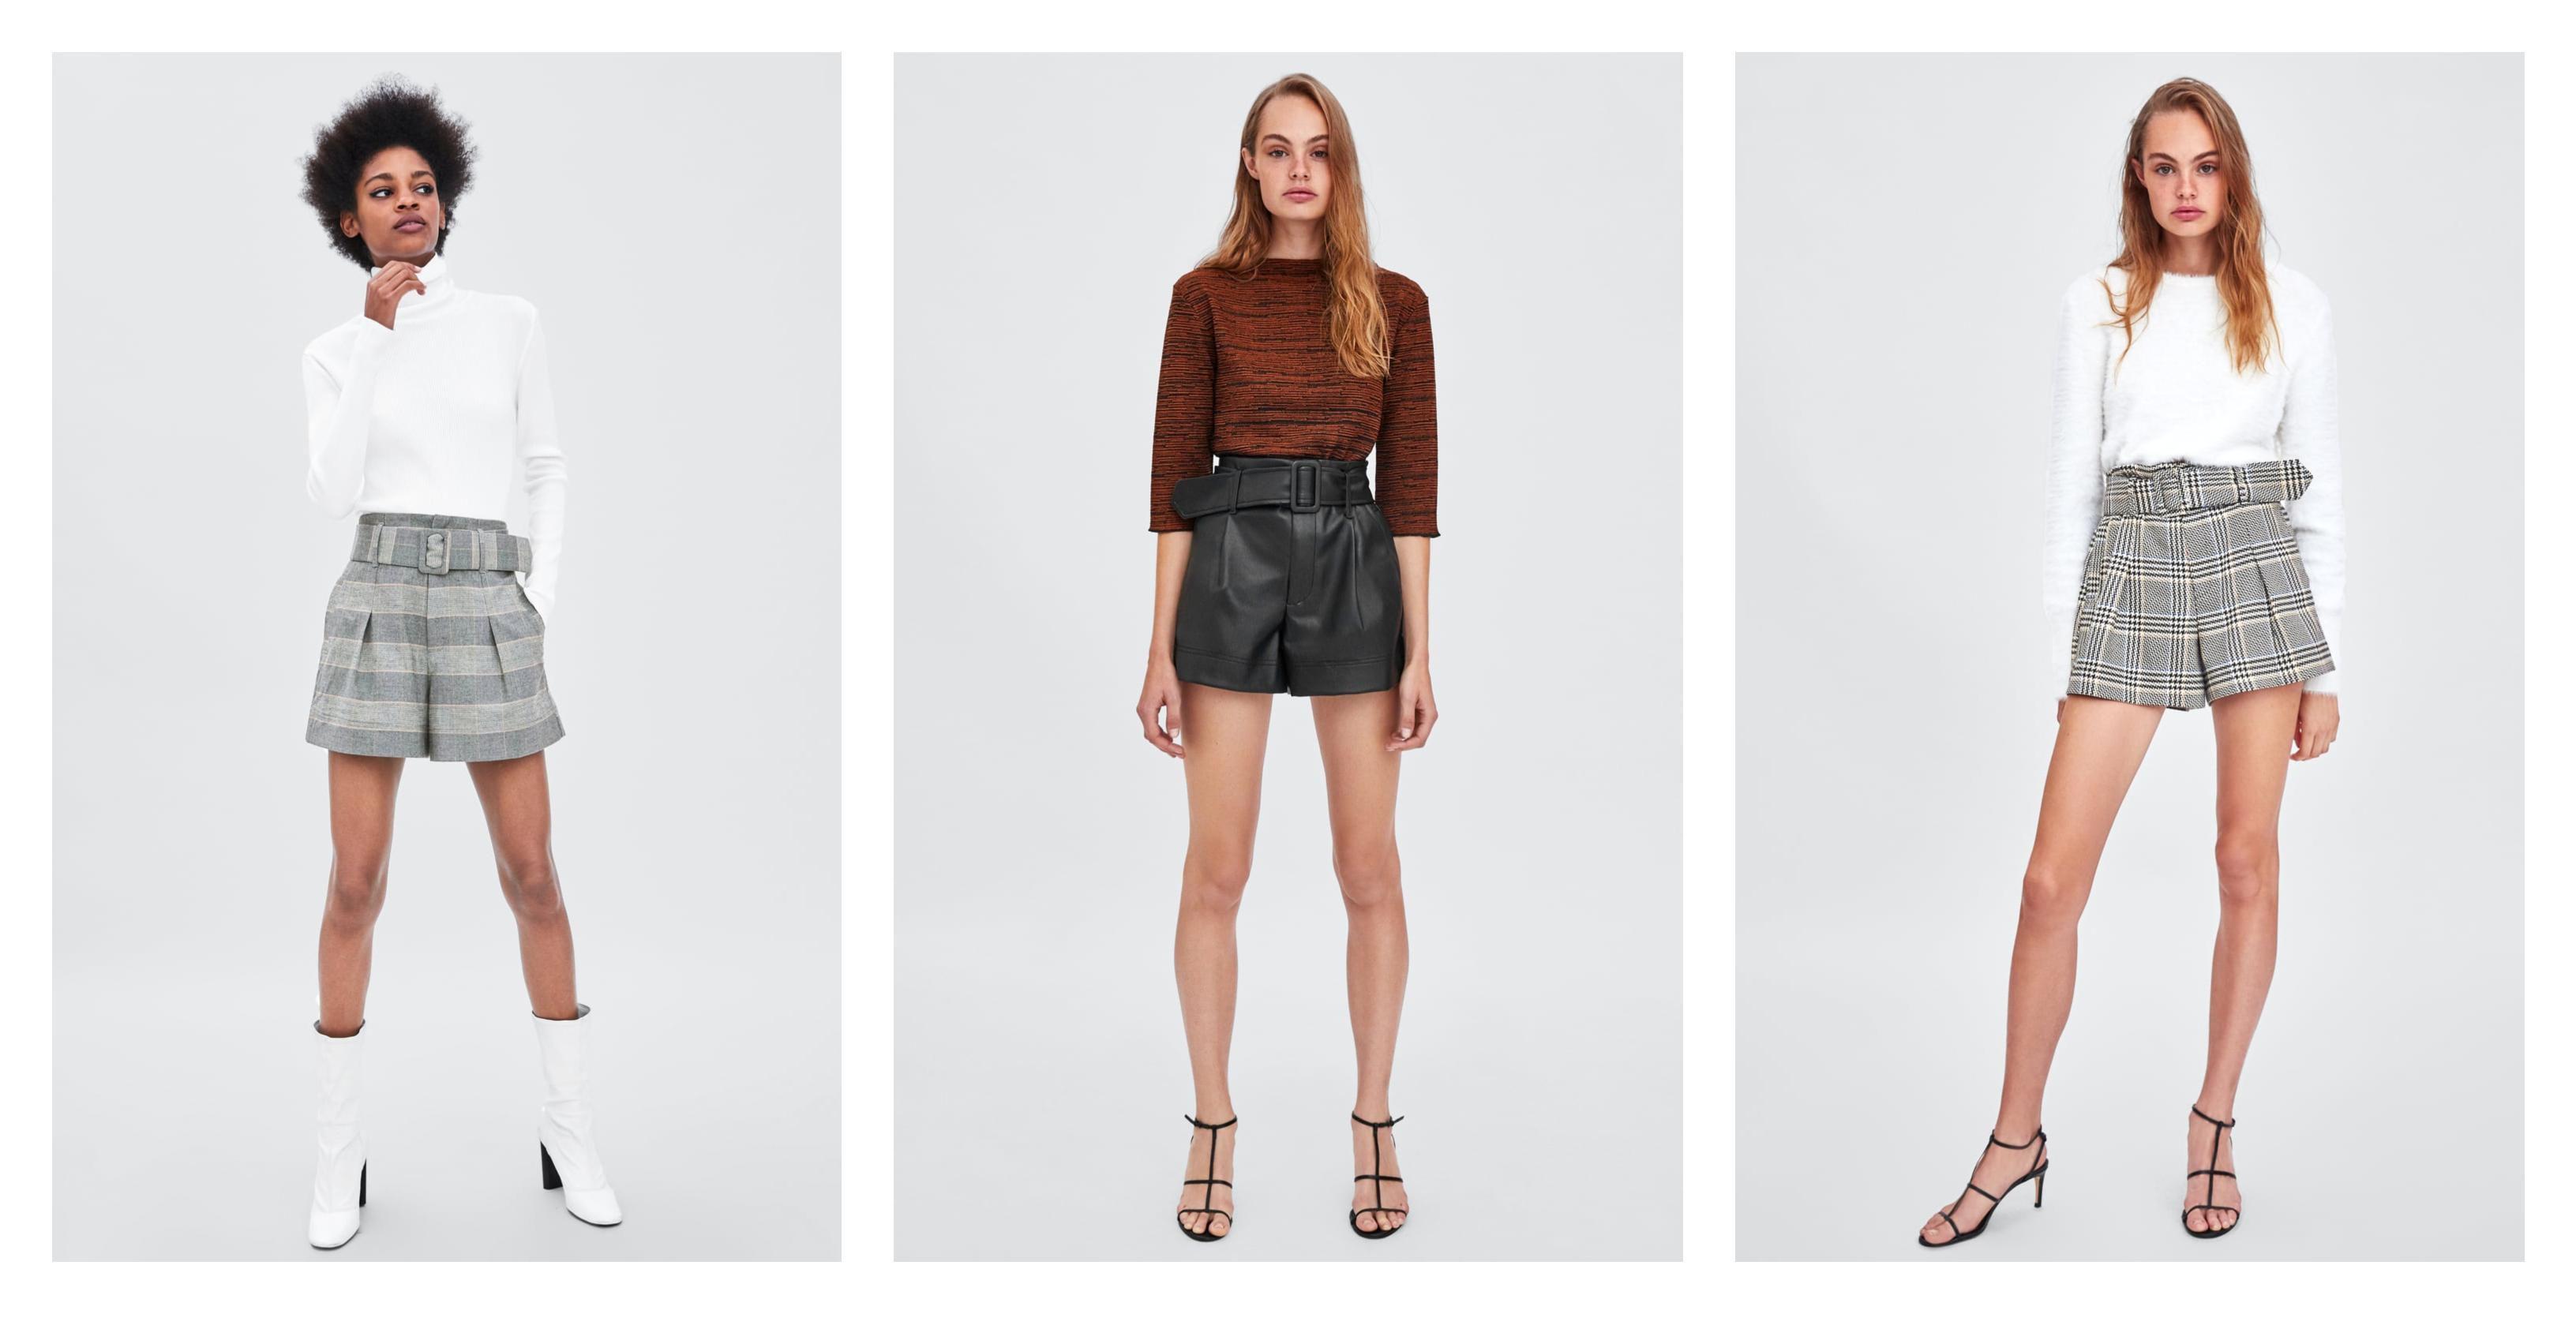 Tko kaže da zimi ne možete nositi kratke hlače?! U ove modele iz Zare odmah ćete se zaljubiti!